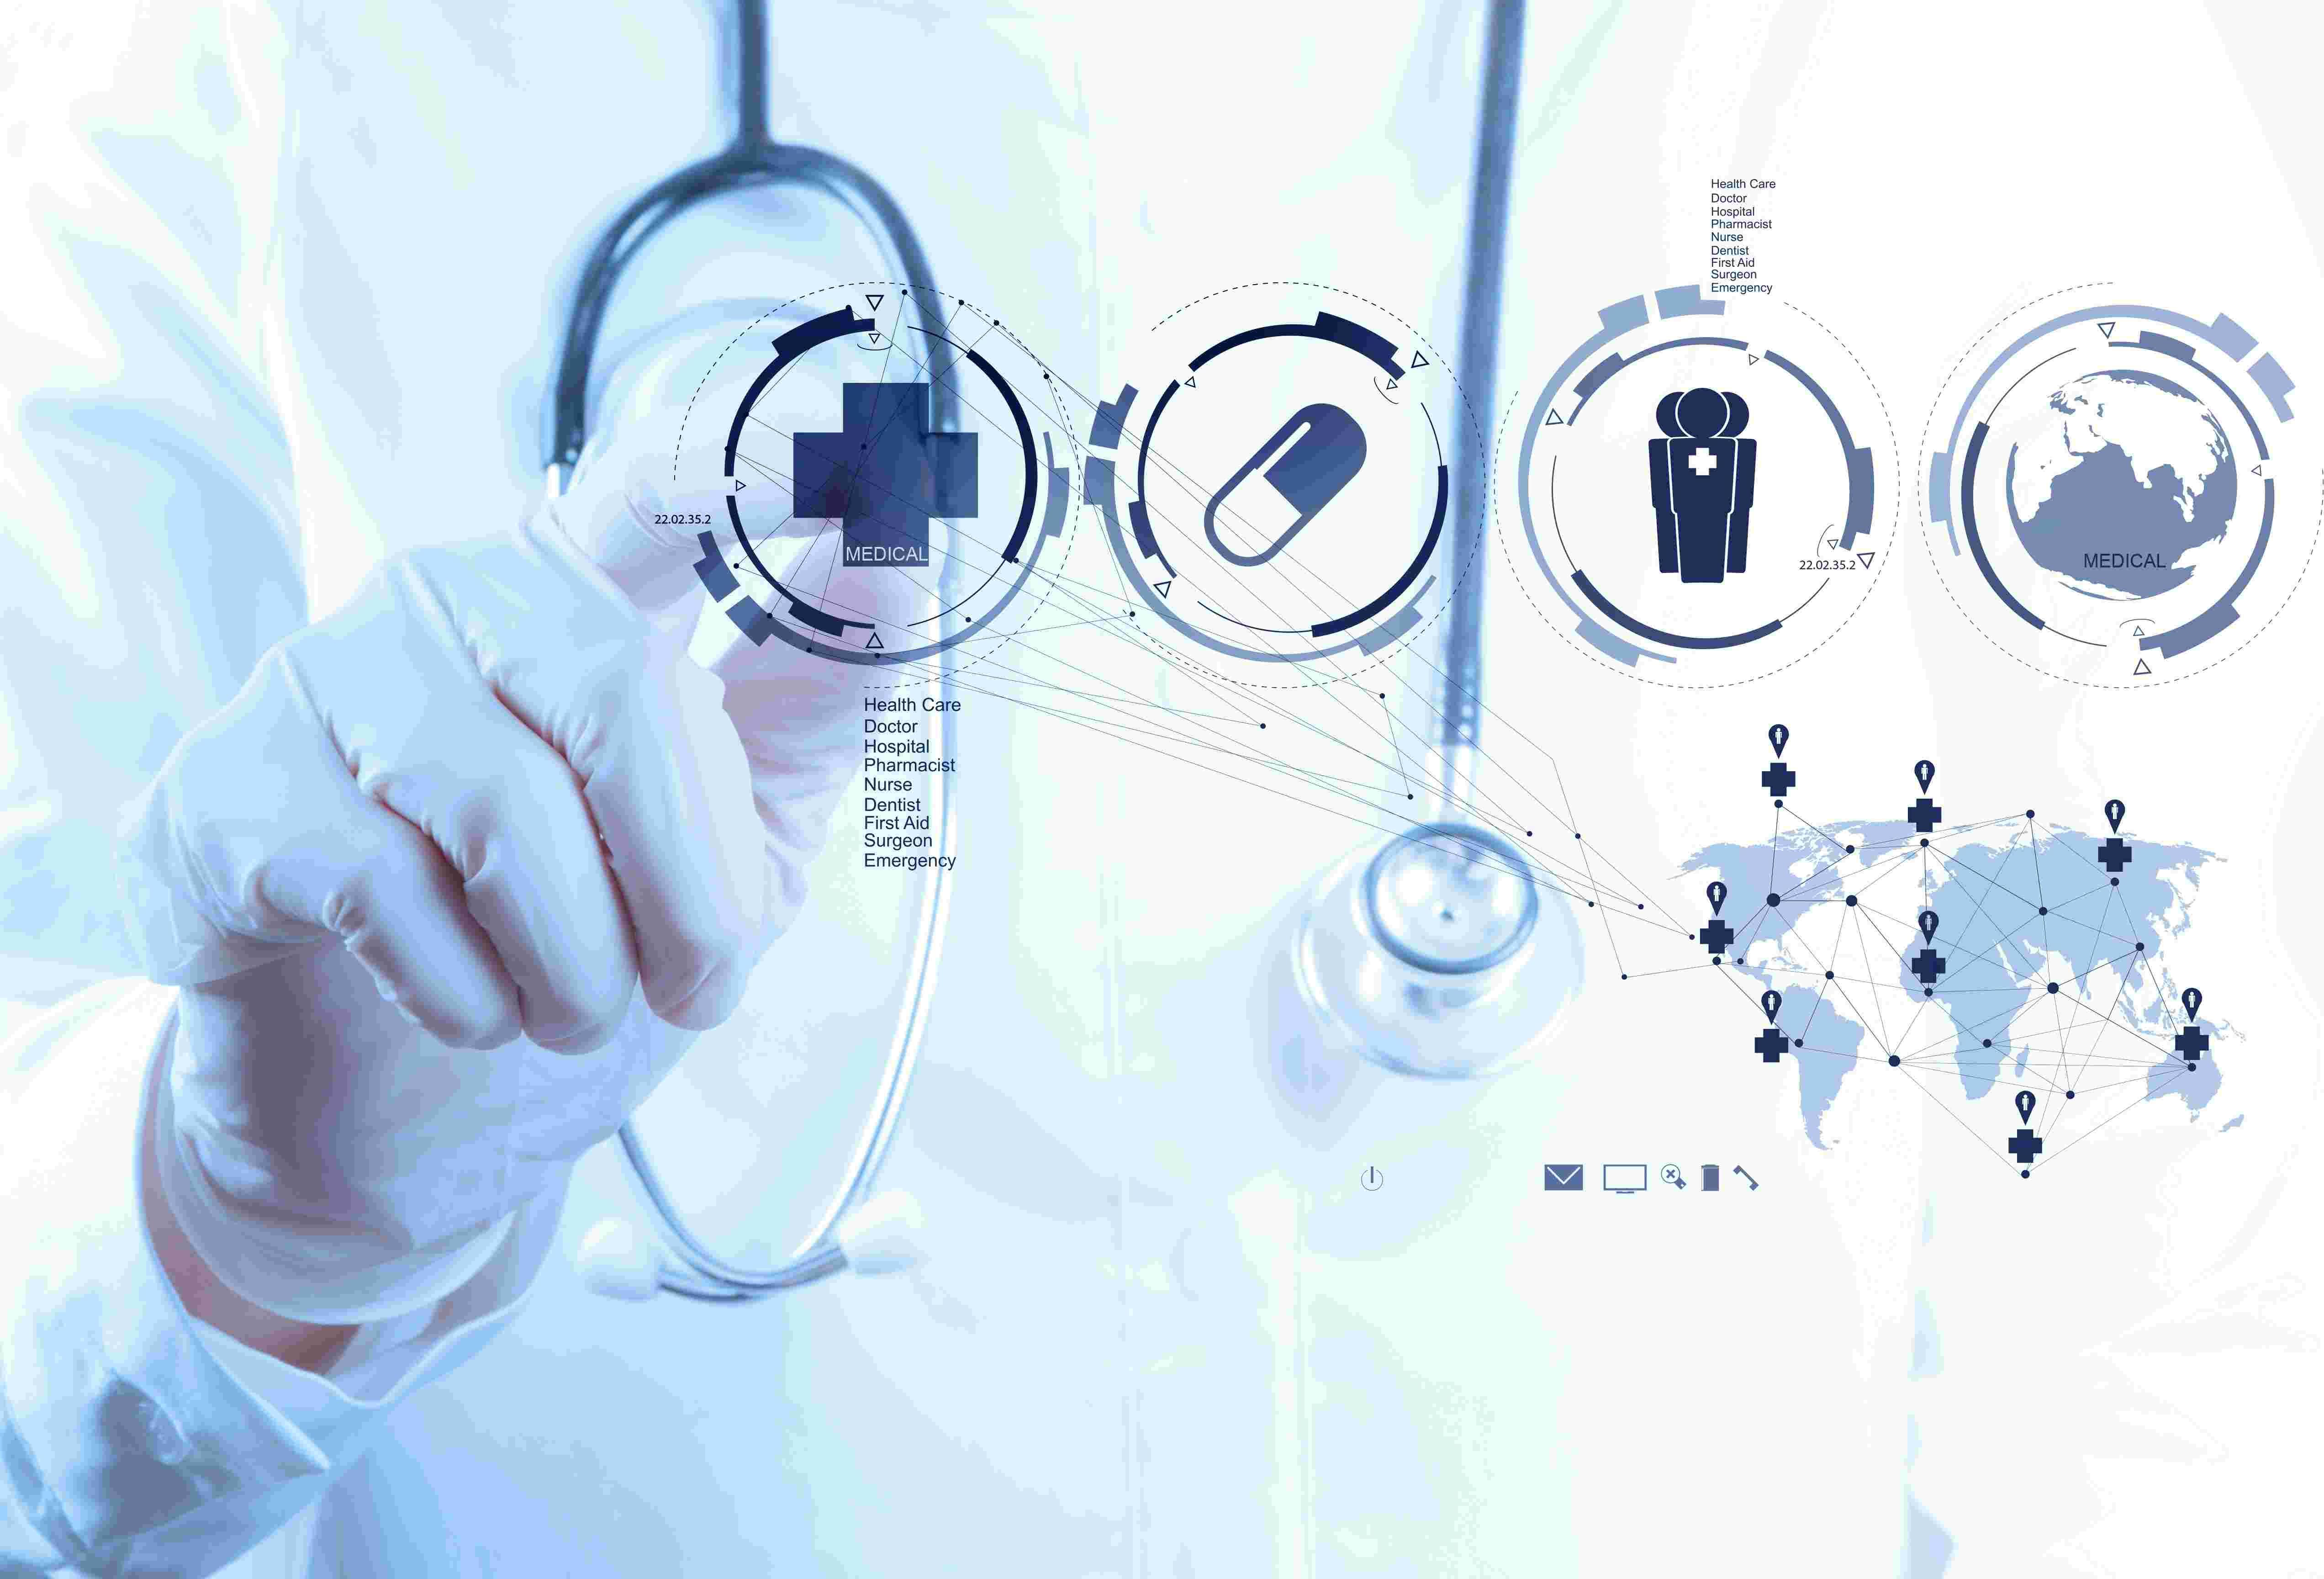 芪苈强心胶囊适用症有什么?药物主要成分有哪些?